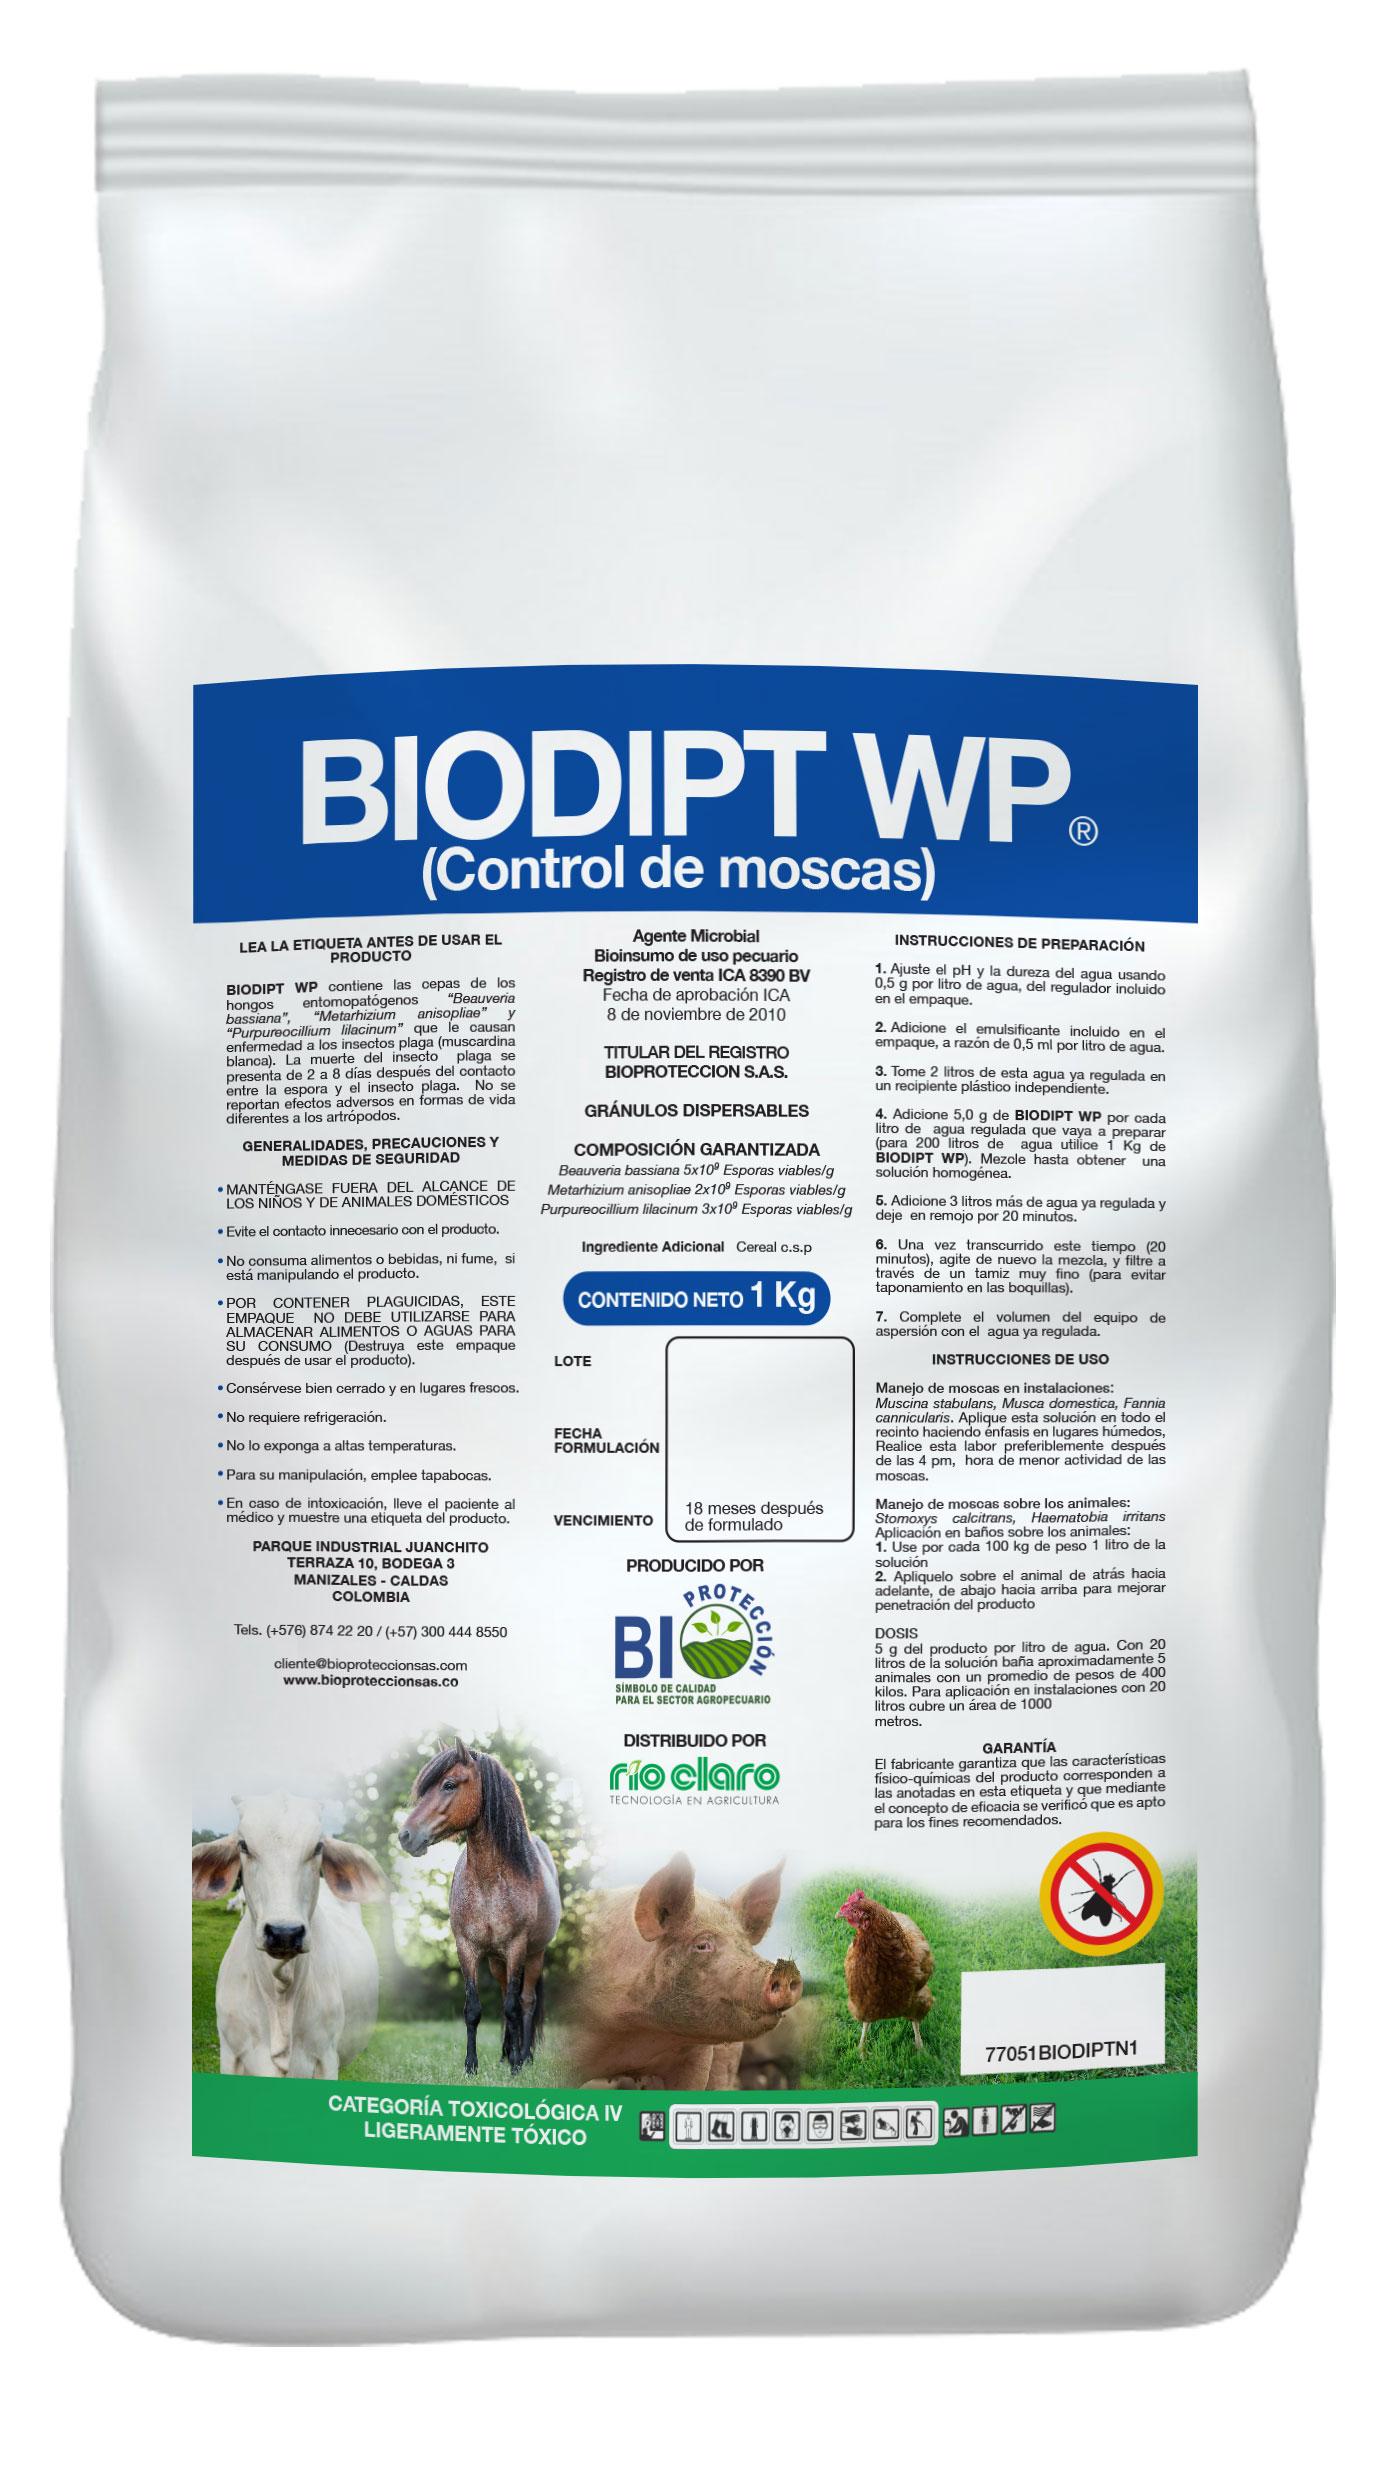 Biodipt